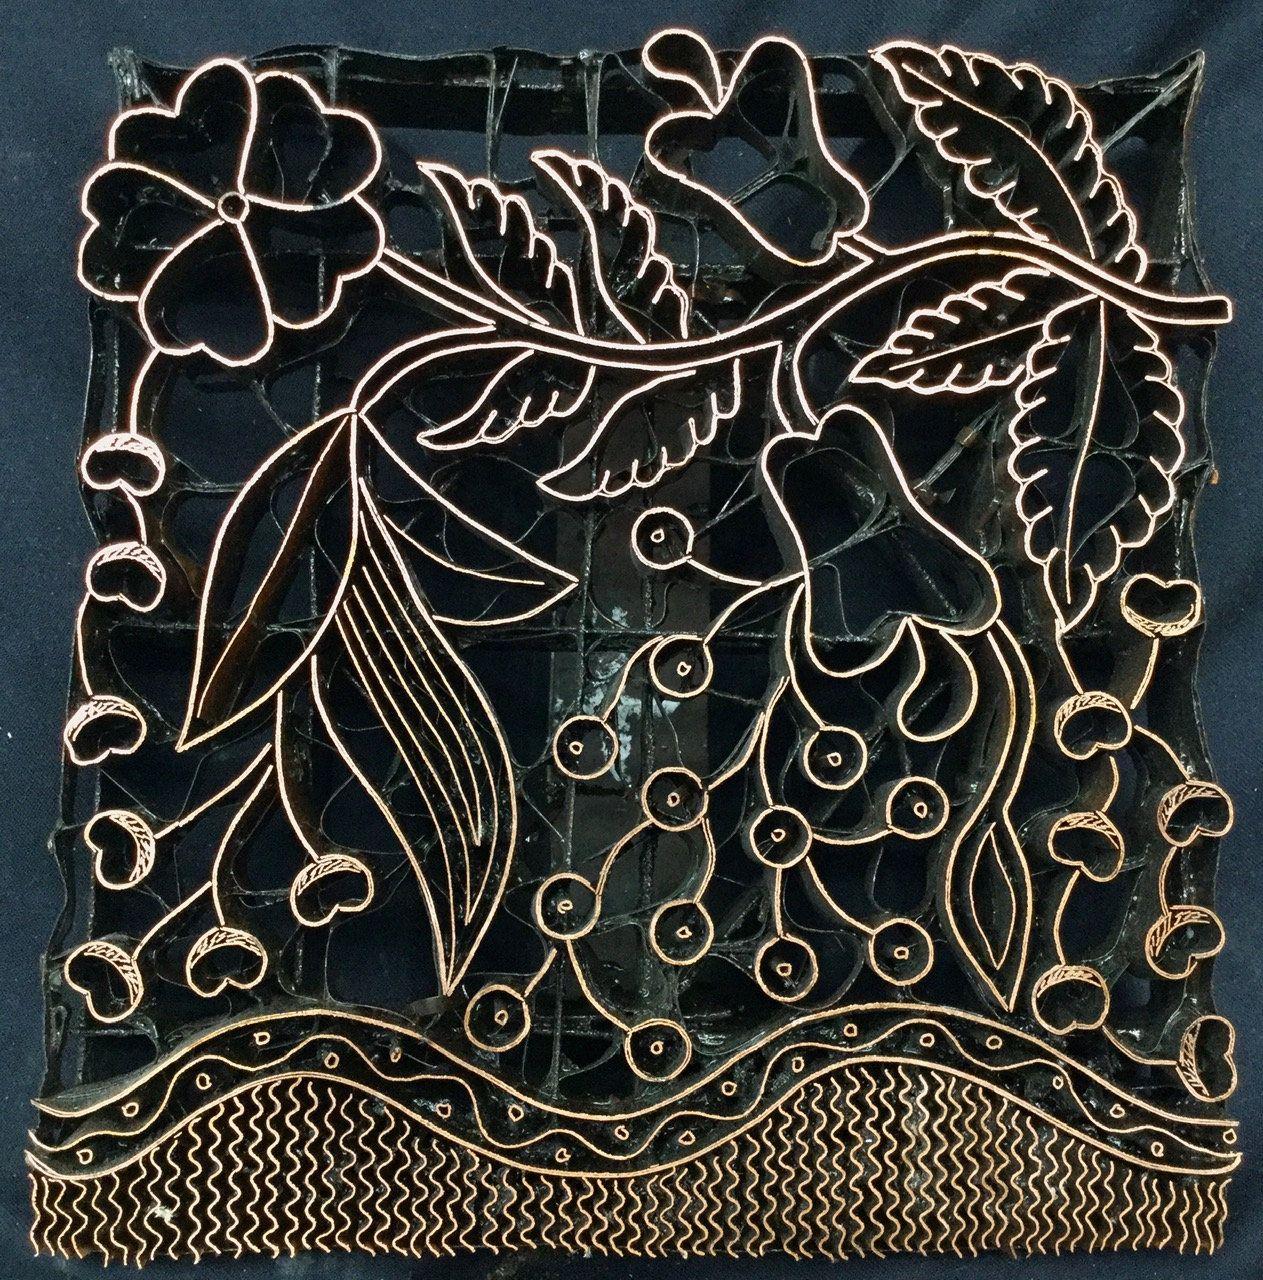 Desain Batik Mudah - Batik Indonesia